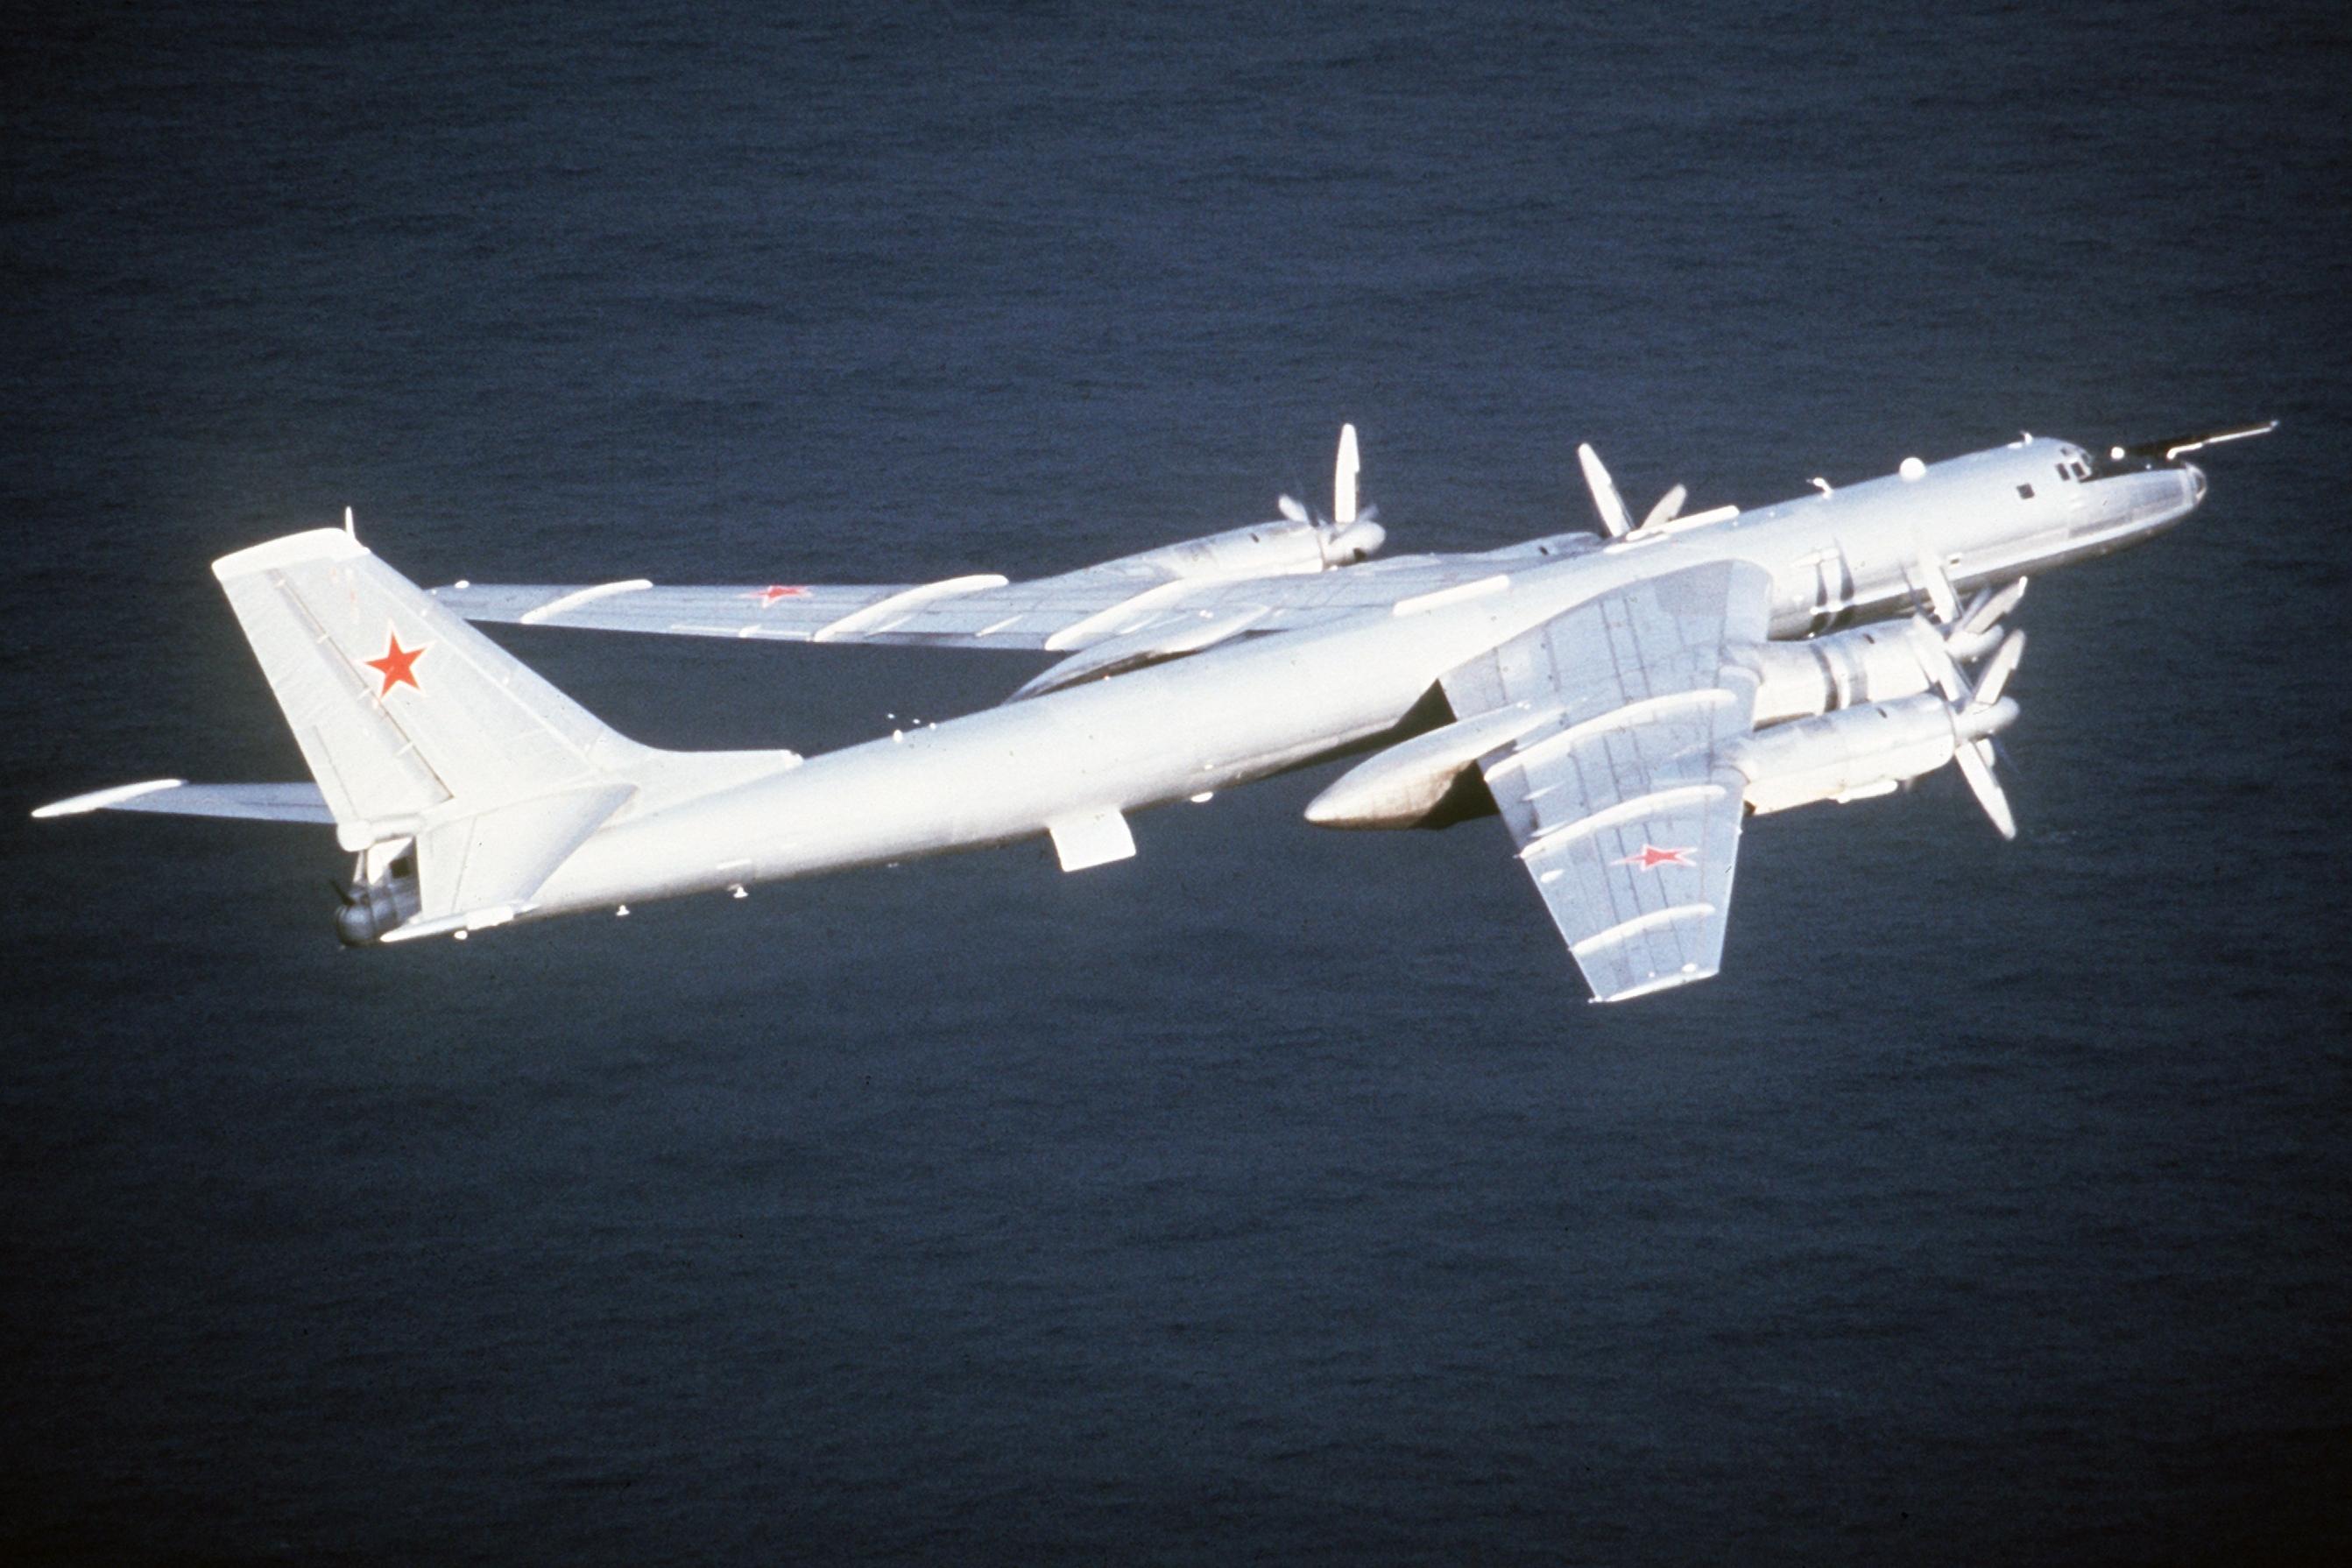 Четыре противолодочных самолета Ту-142 выполнили полет над Тихим океаном